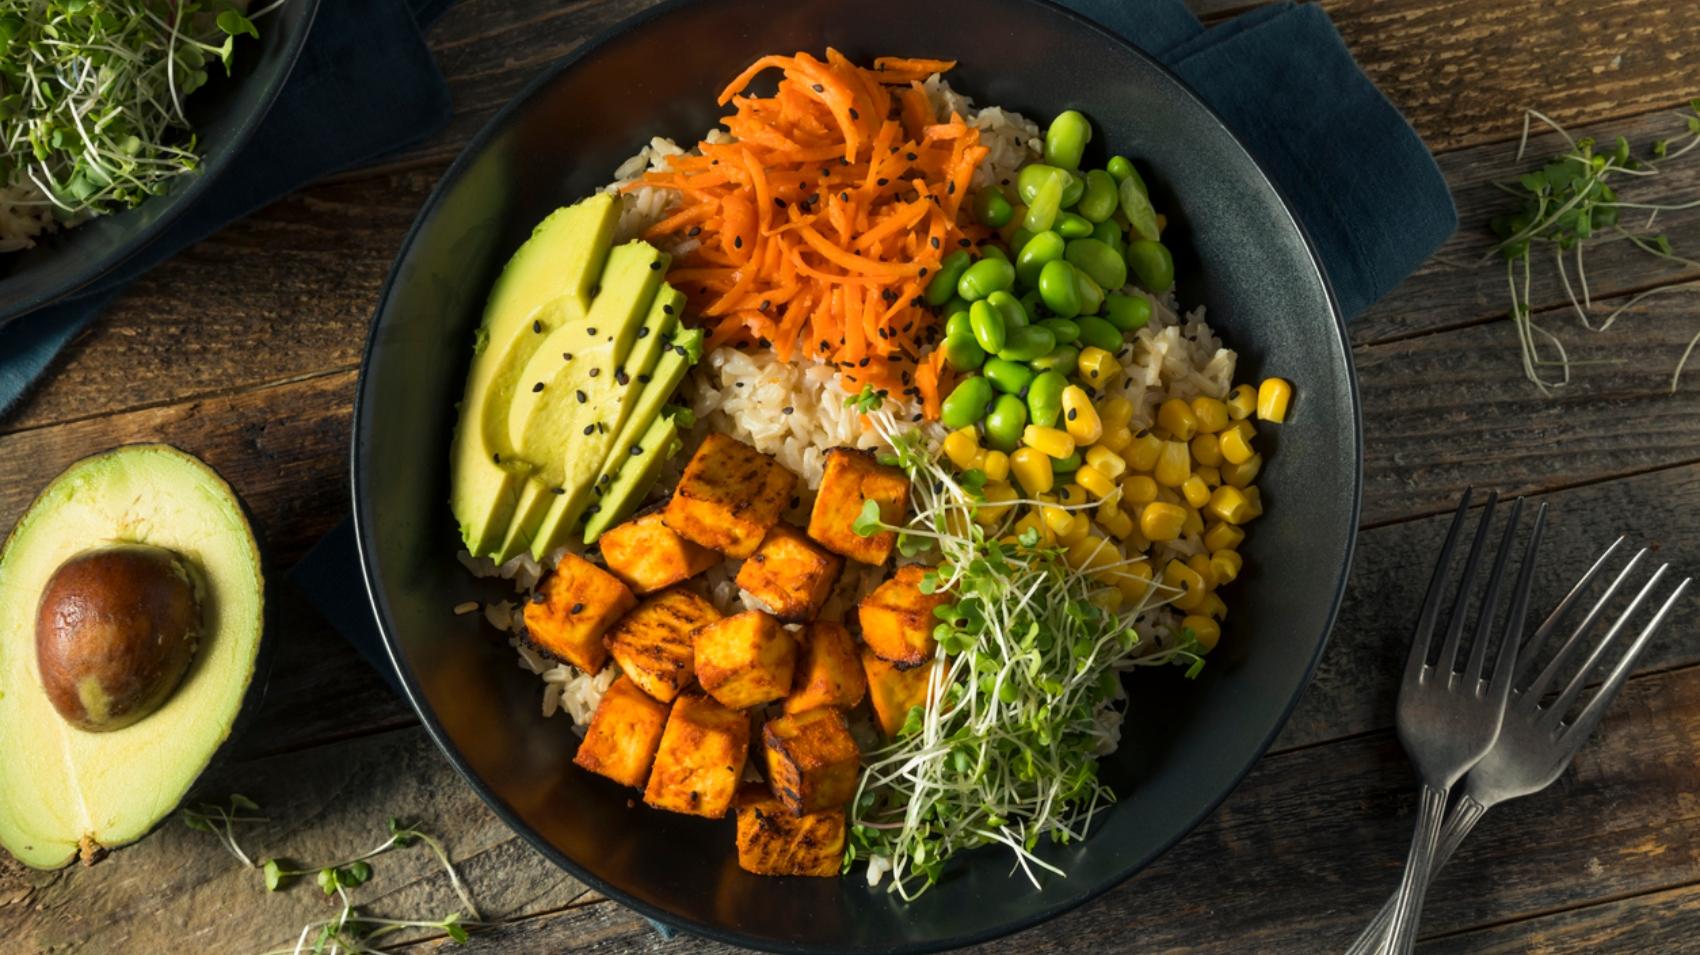 esempio di dieta vegetariana sanana